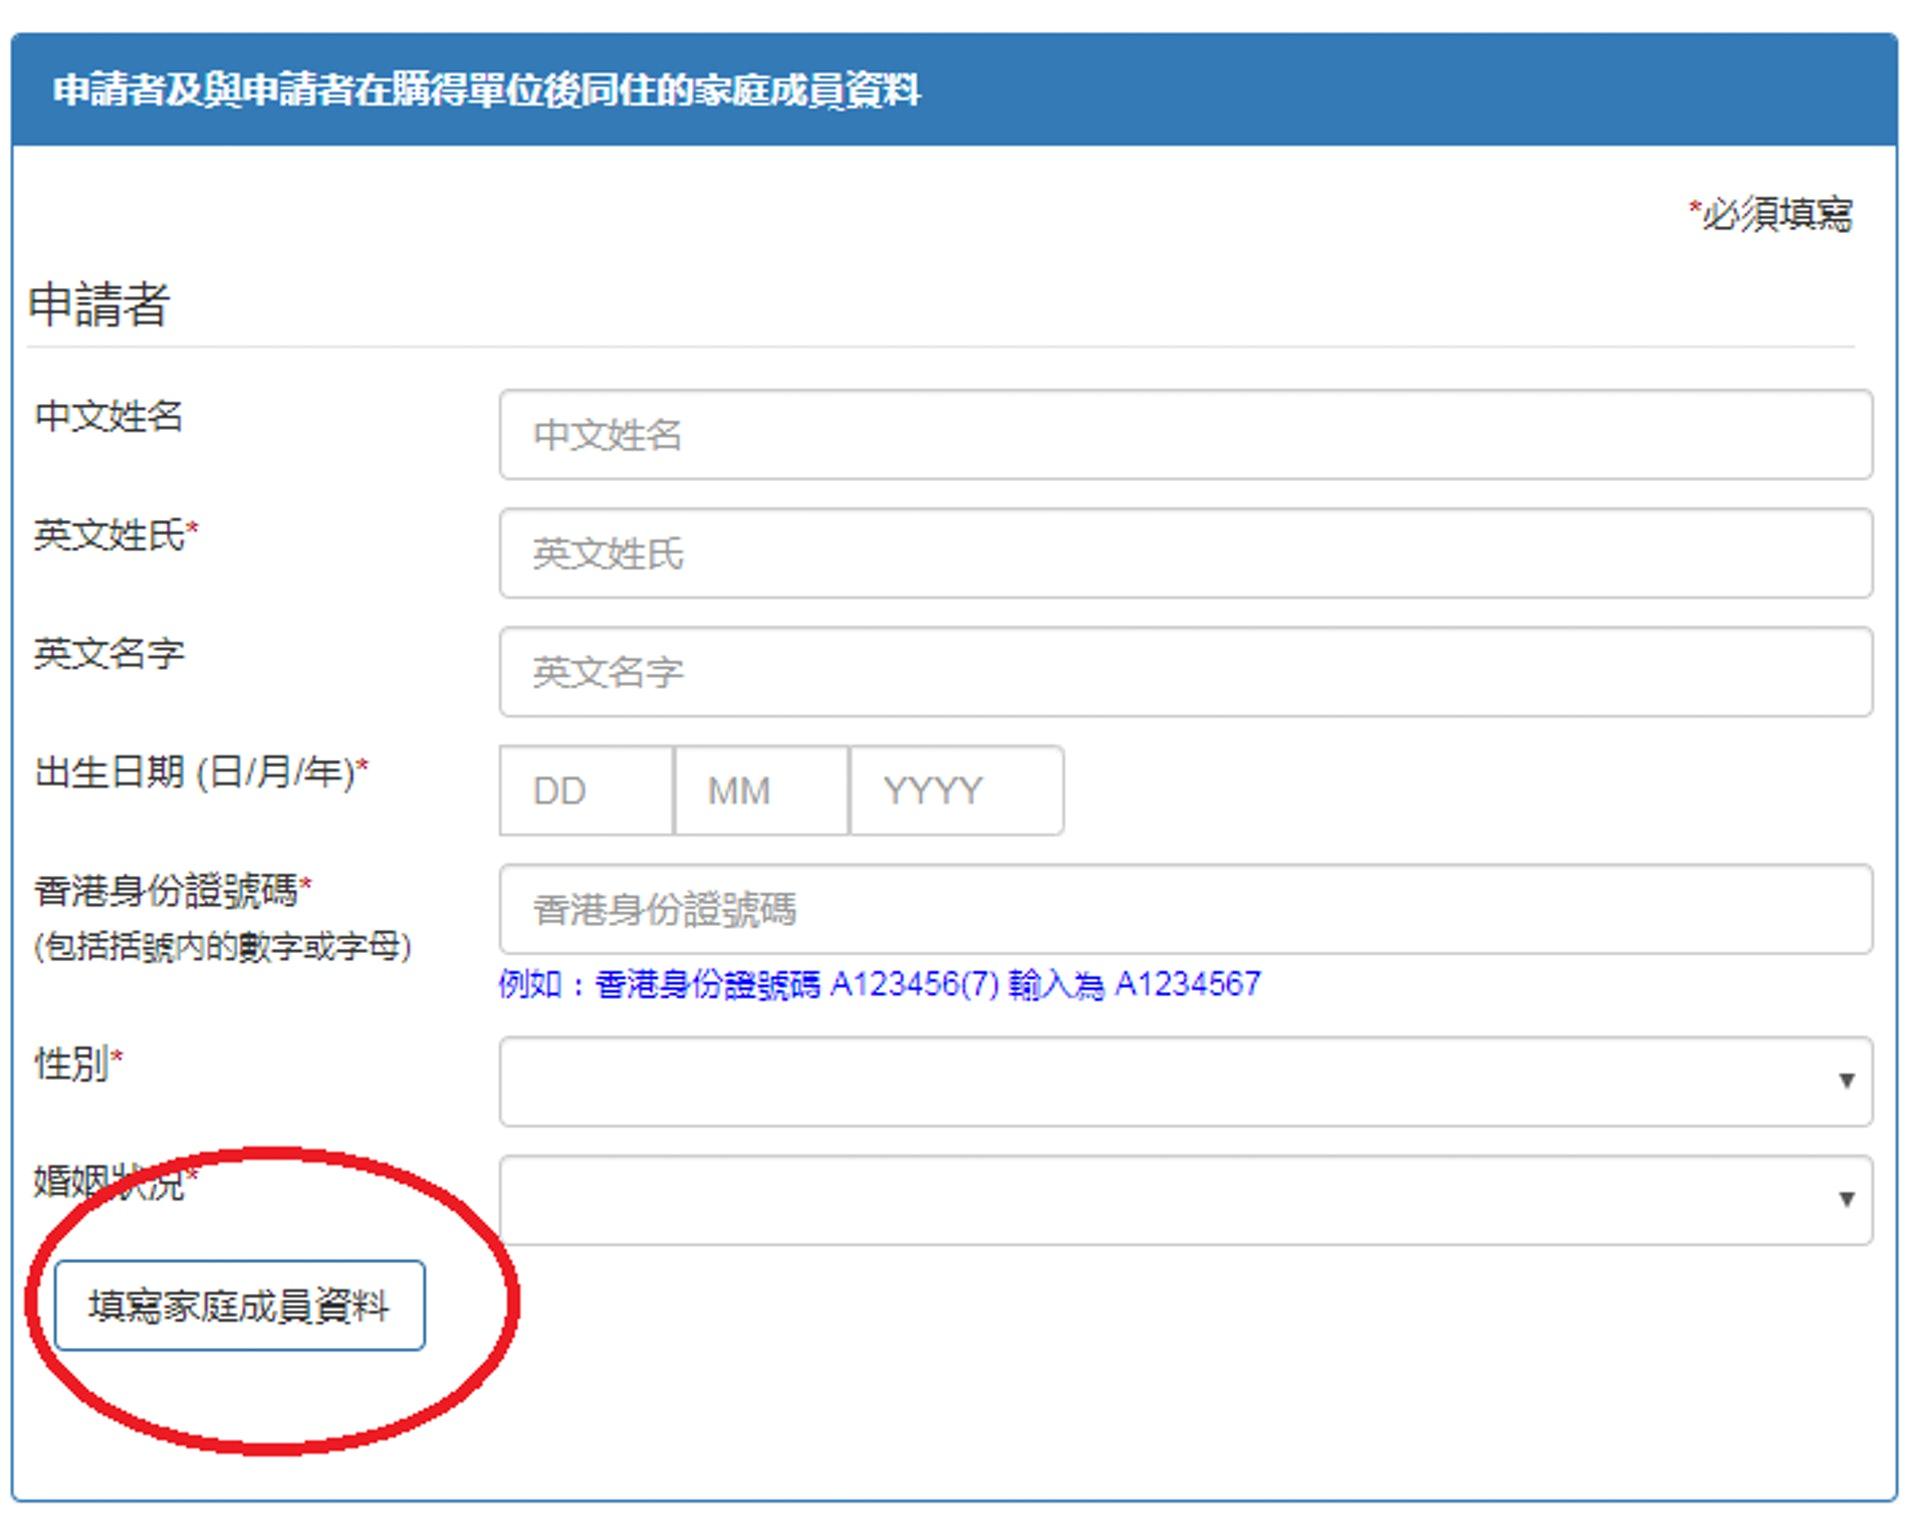 若非單身申請者,填寫申請表格時,切記先按「填寫家庭成員資料」的按鈕,填寫其身份證號碼。(房委會網上截圖)